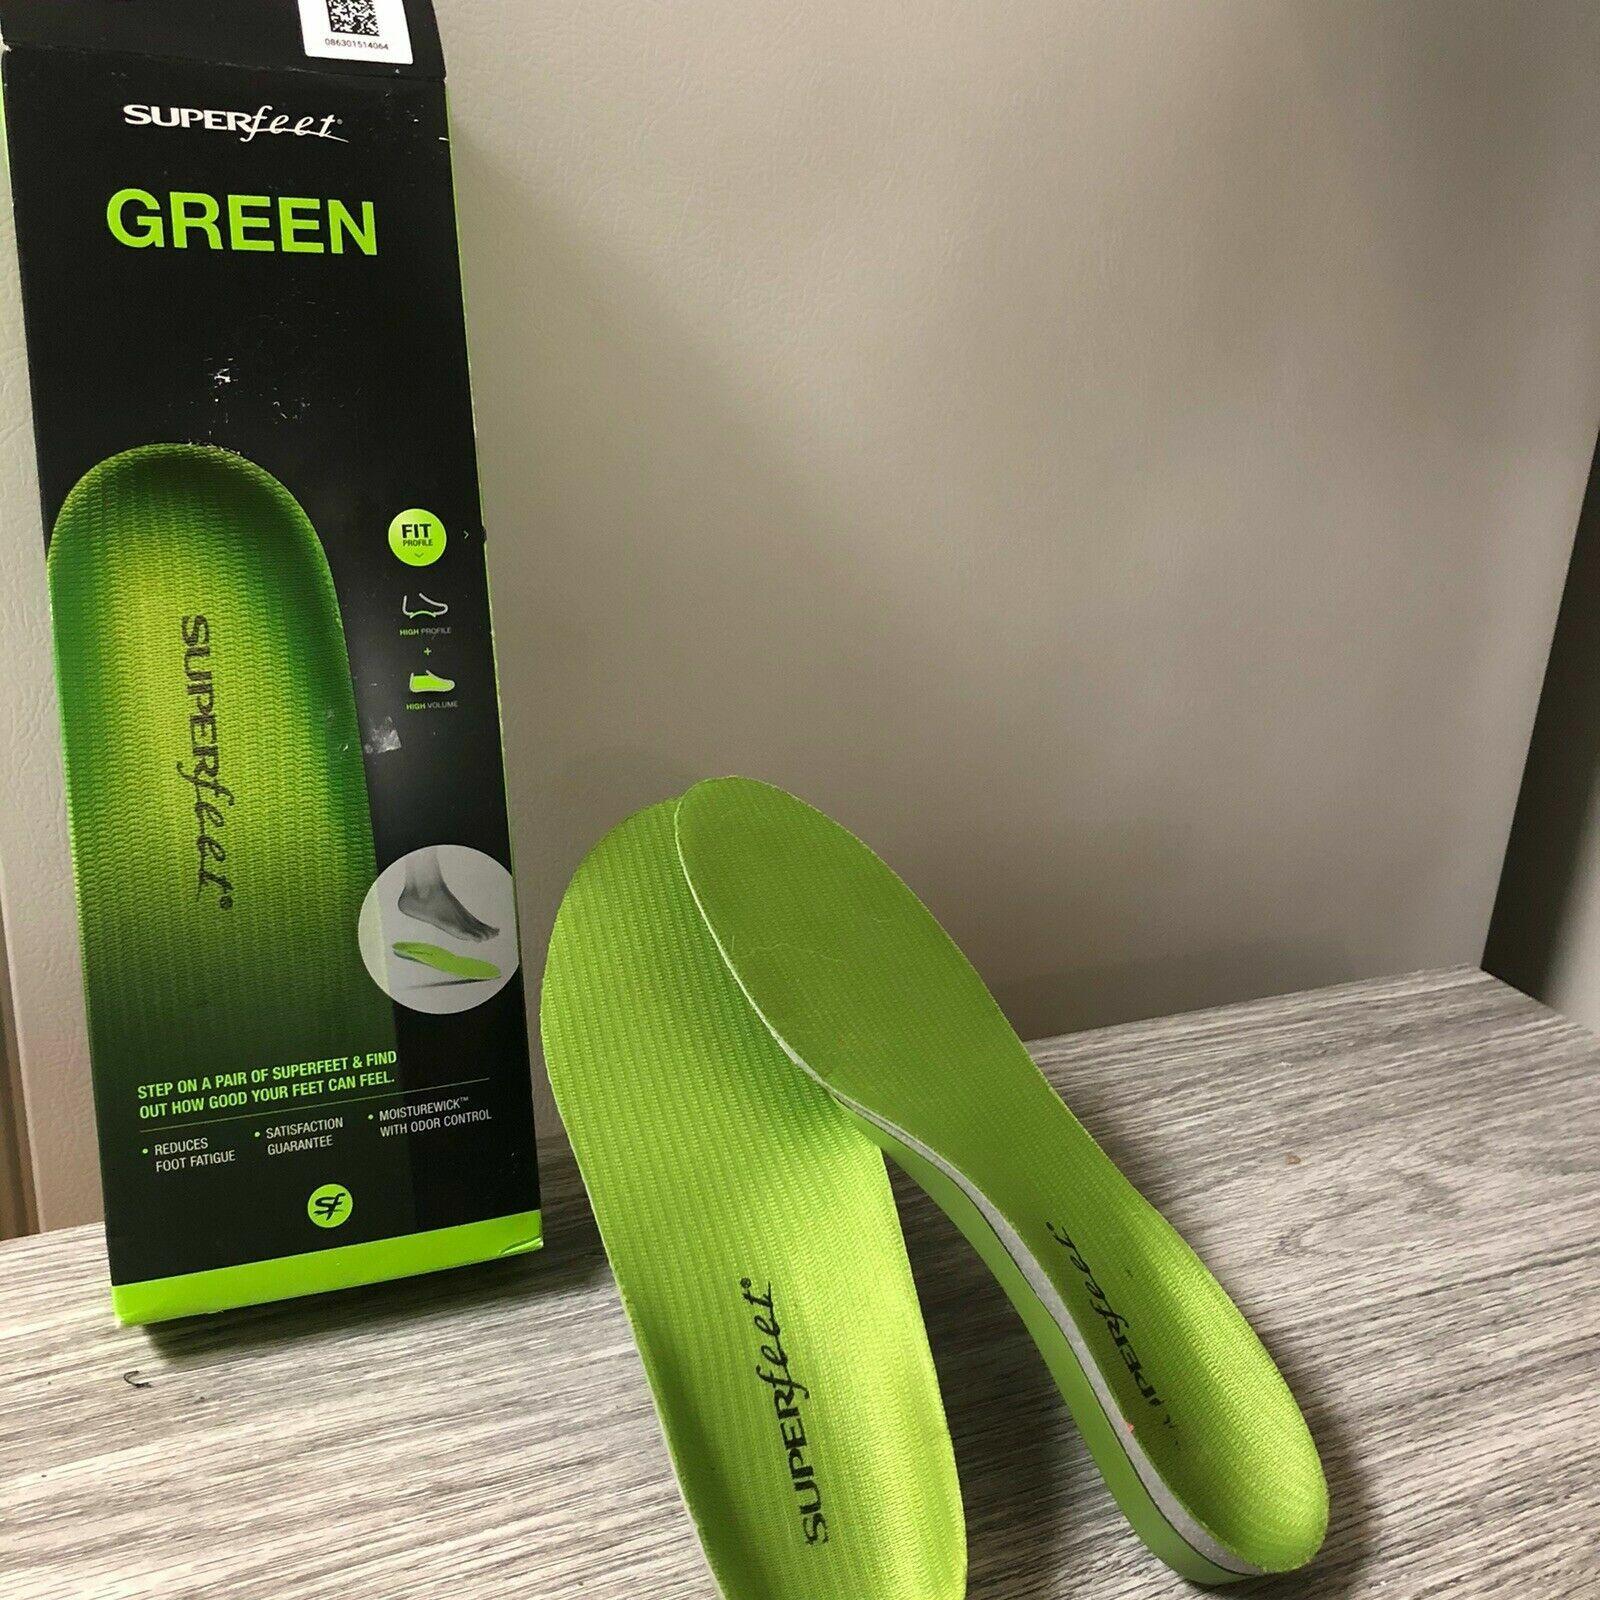 superfeet green insoles grade high arch support